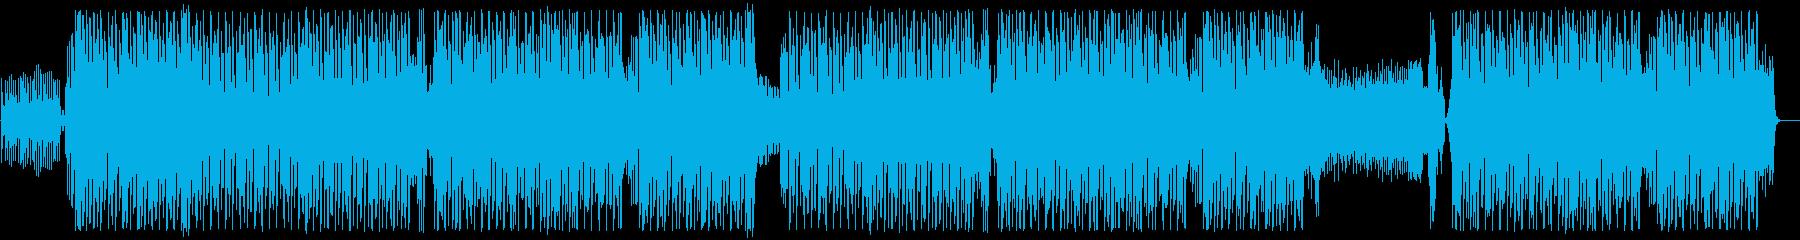 オシャレなハウス・ミュージックトラック♪の再生済みの波形